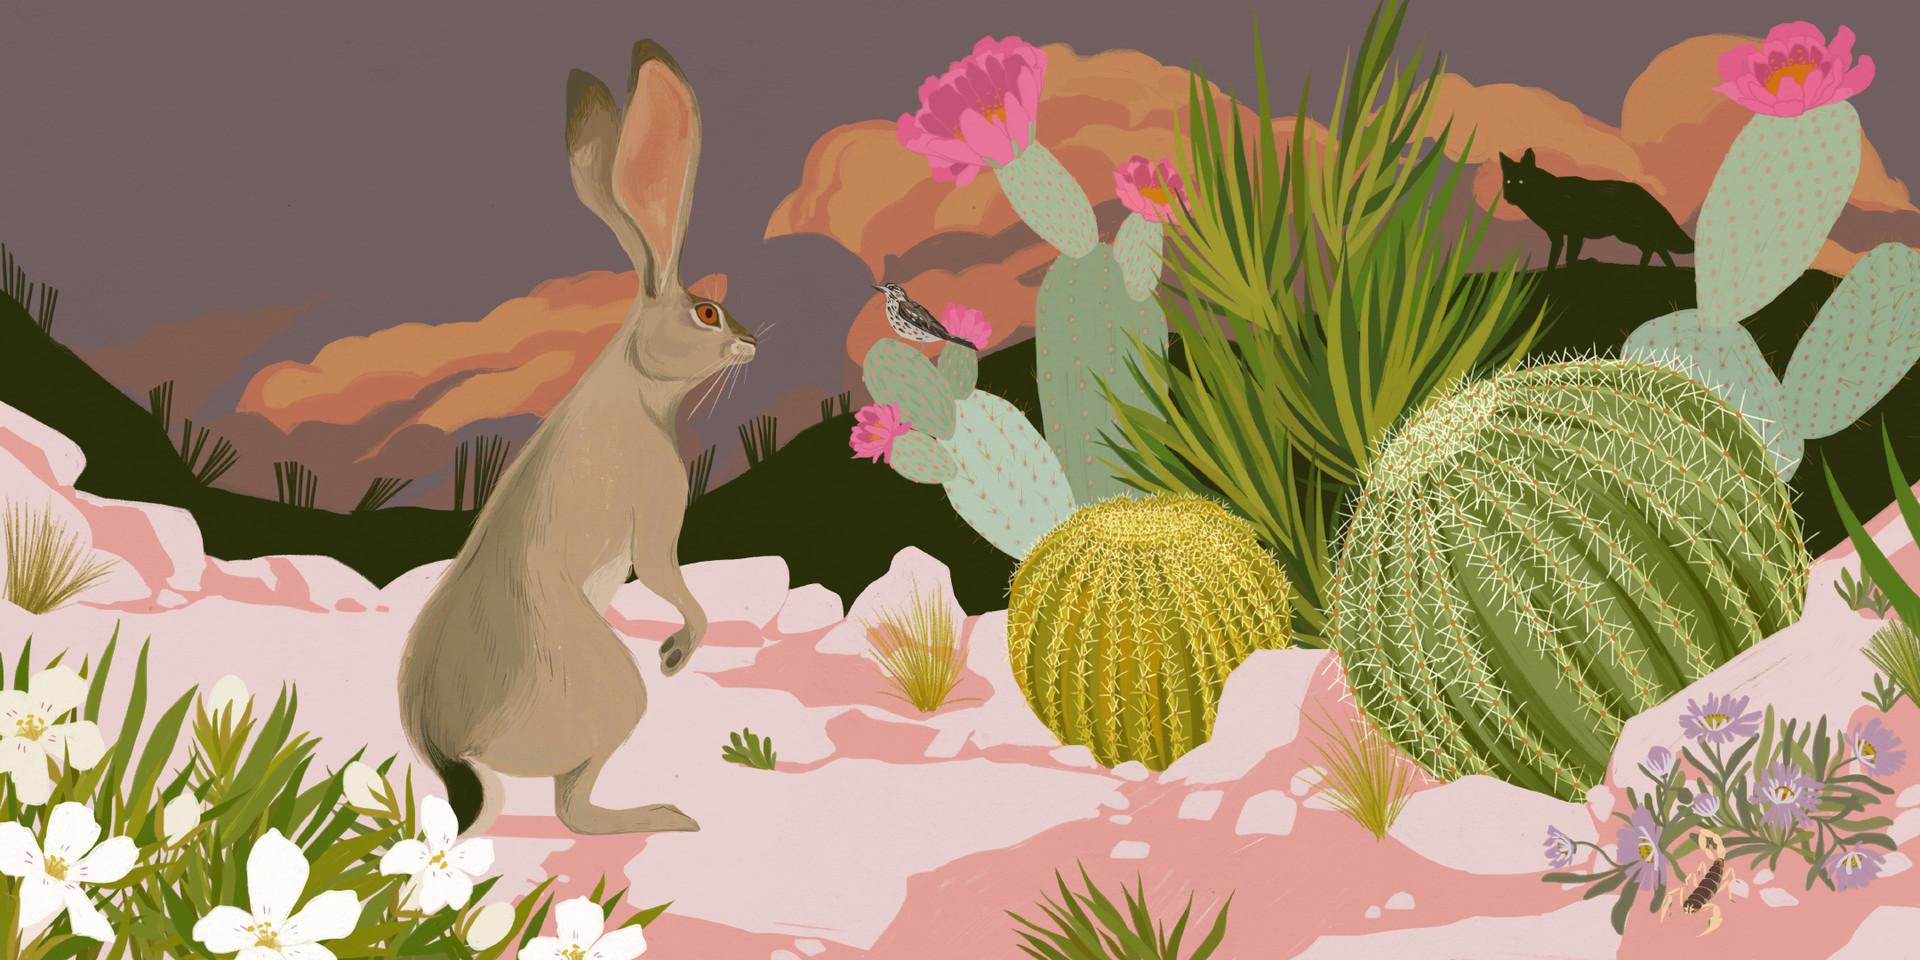 Leap, Hare, Leap - Jackrabbit